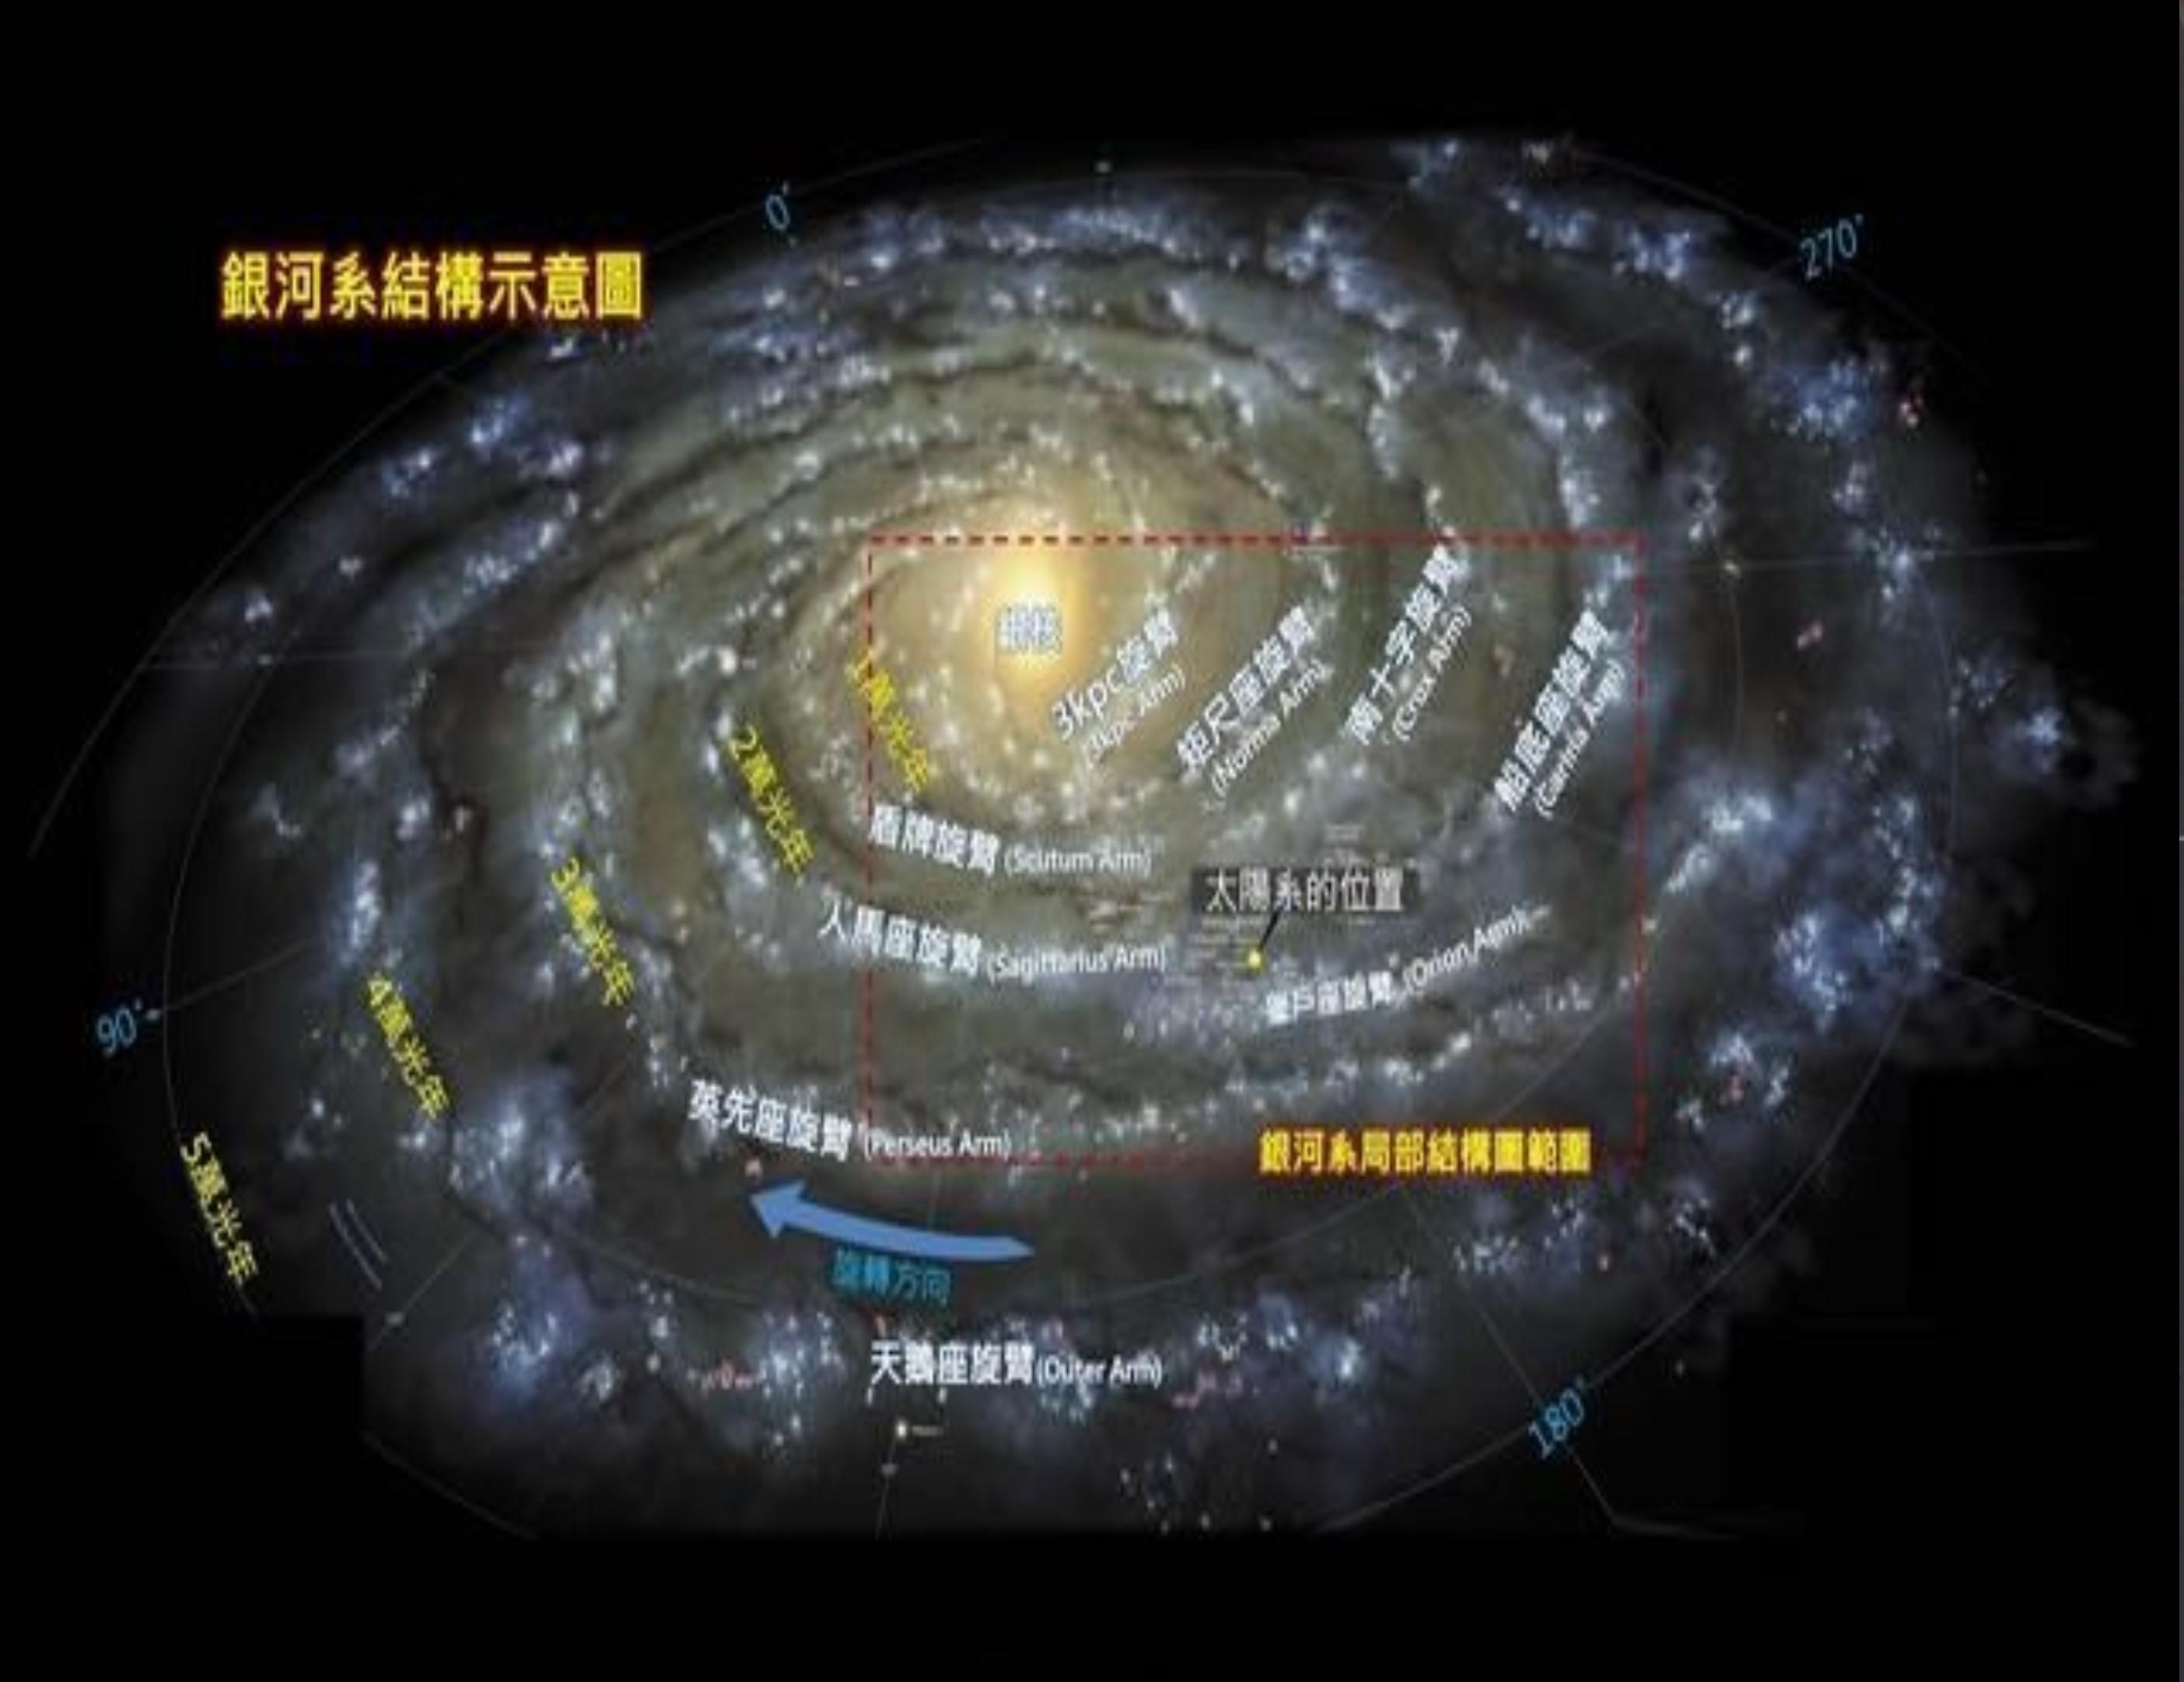 白矮星不断吞食伴星物质,增加自身质量,为啥体积反而变小呢?